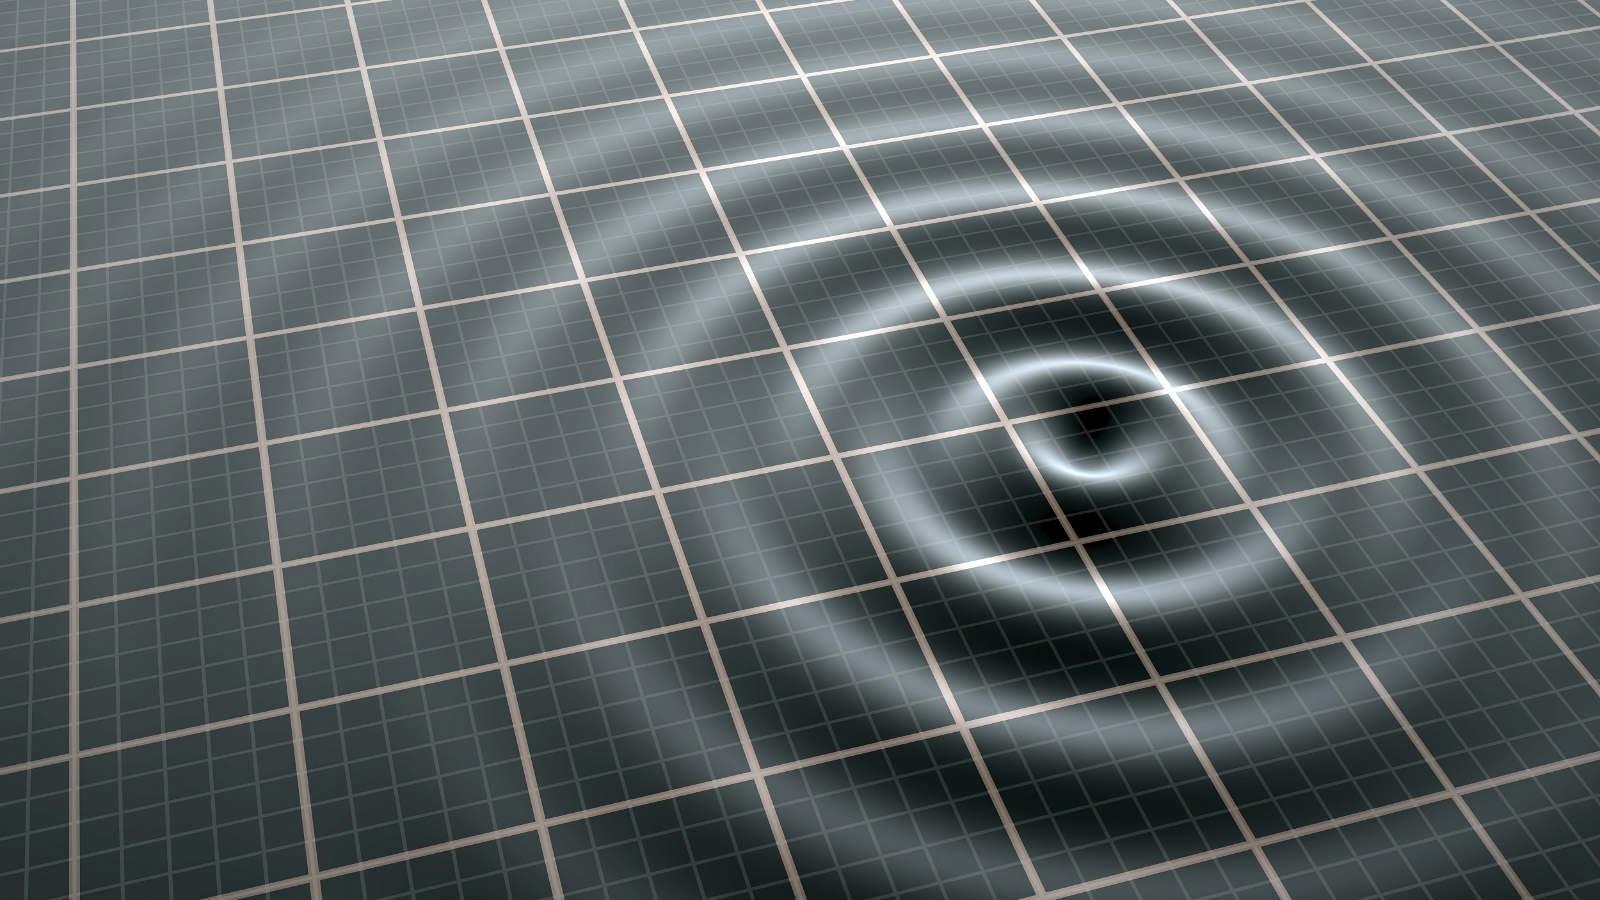 6.2-magnitude quake hits 126 km E of Hihifo, Tonga